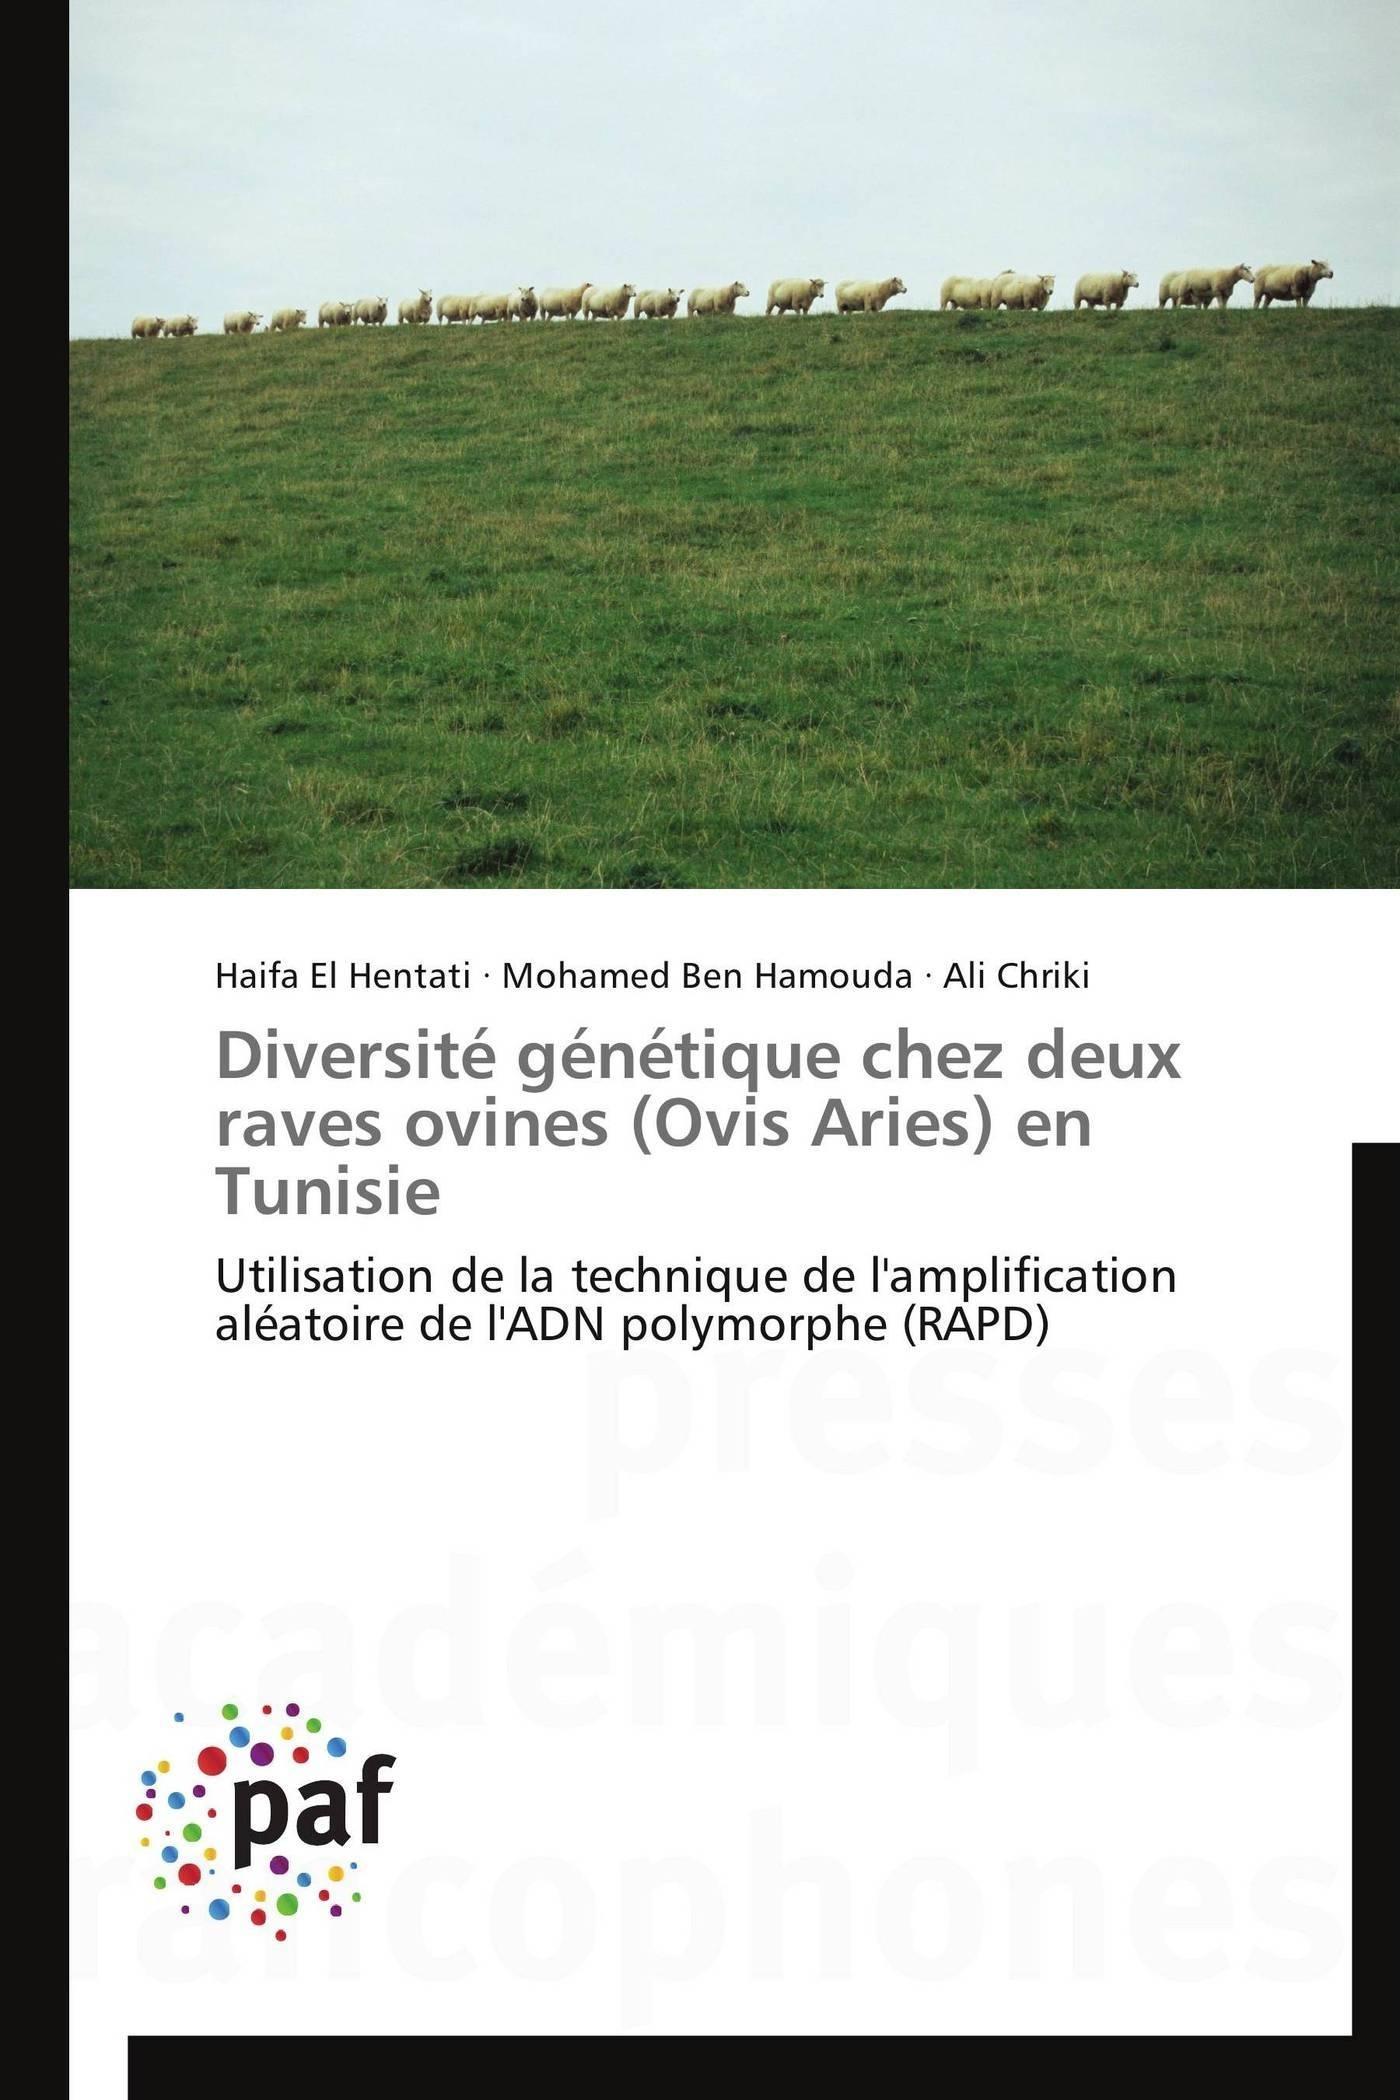 DIVERSITE GENETIQUE CHEZ DEUX RAVES OVINES (OVIS ARIES) EN TUNISIE